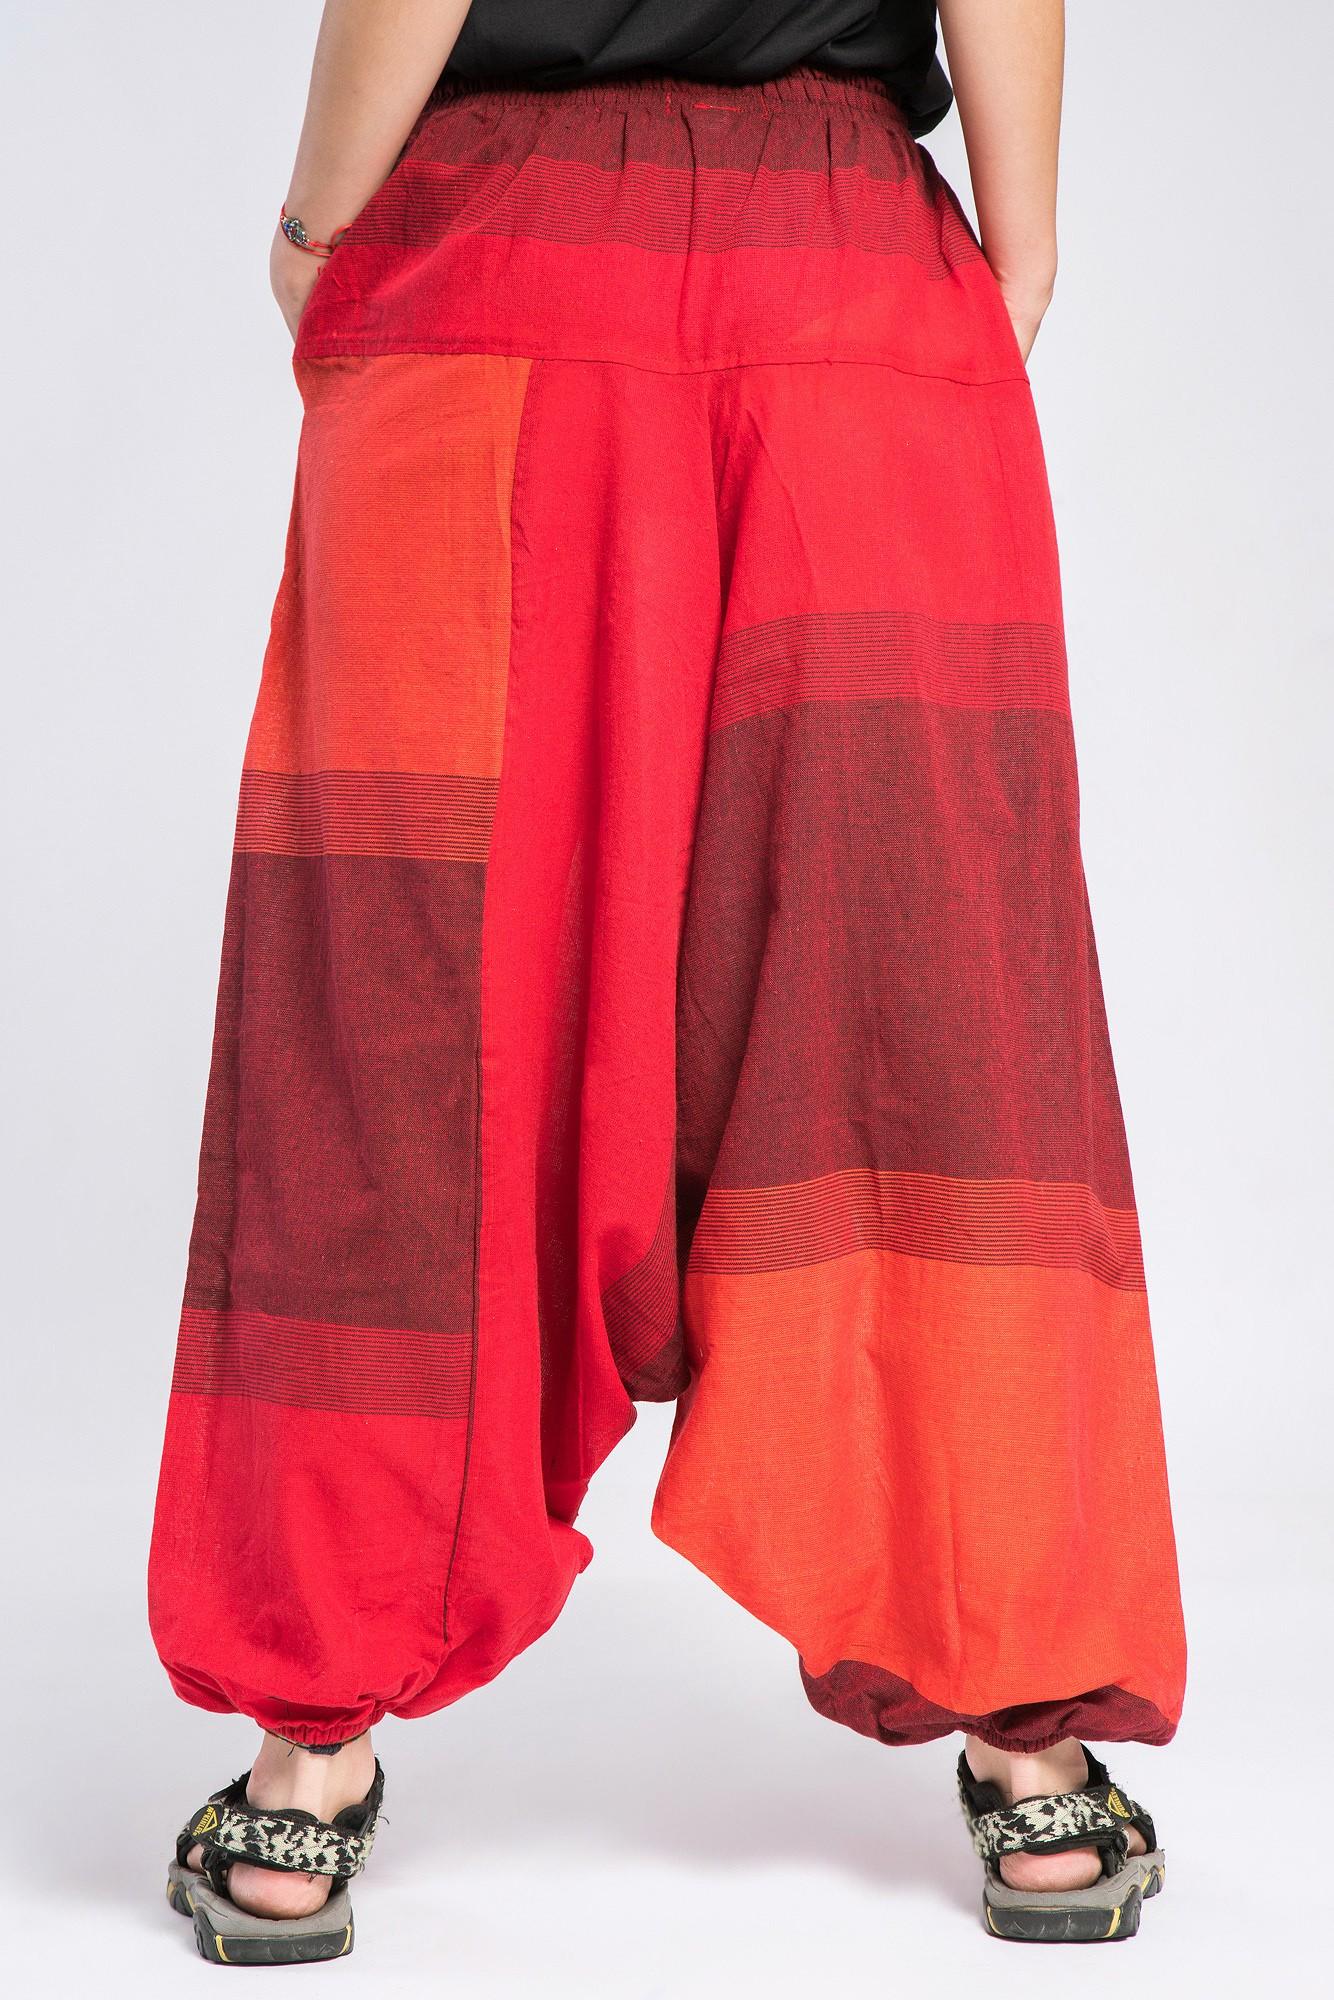 Salvari unisex red-orange